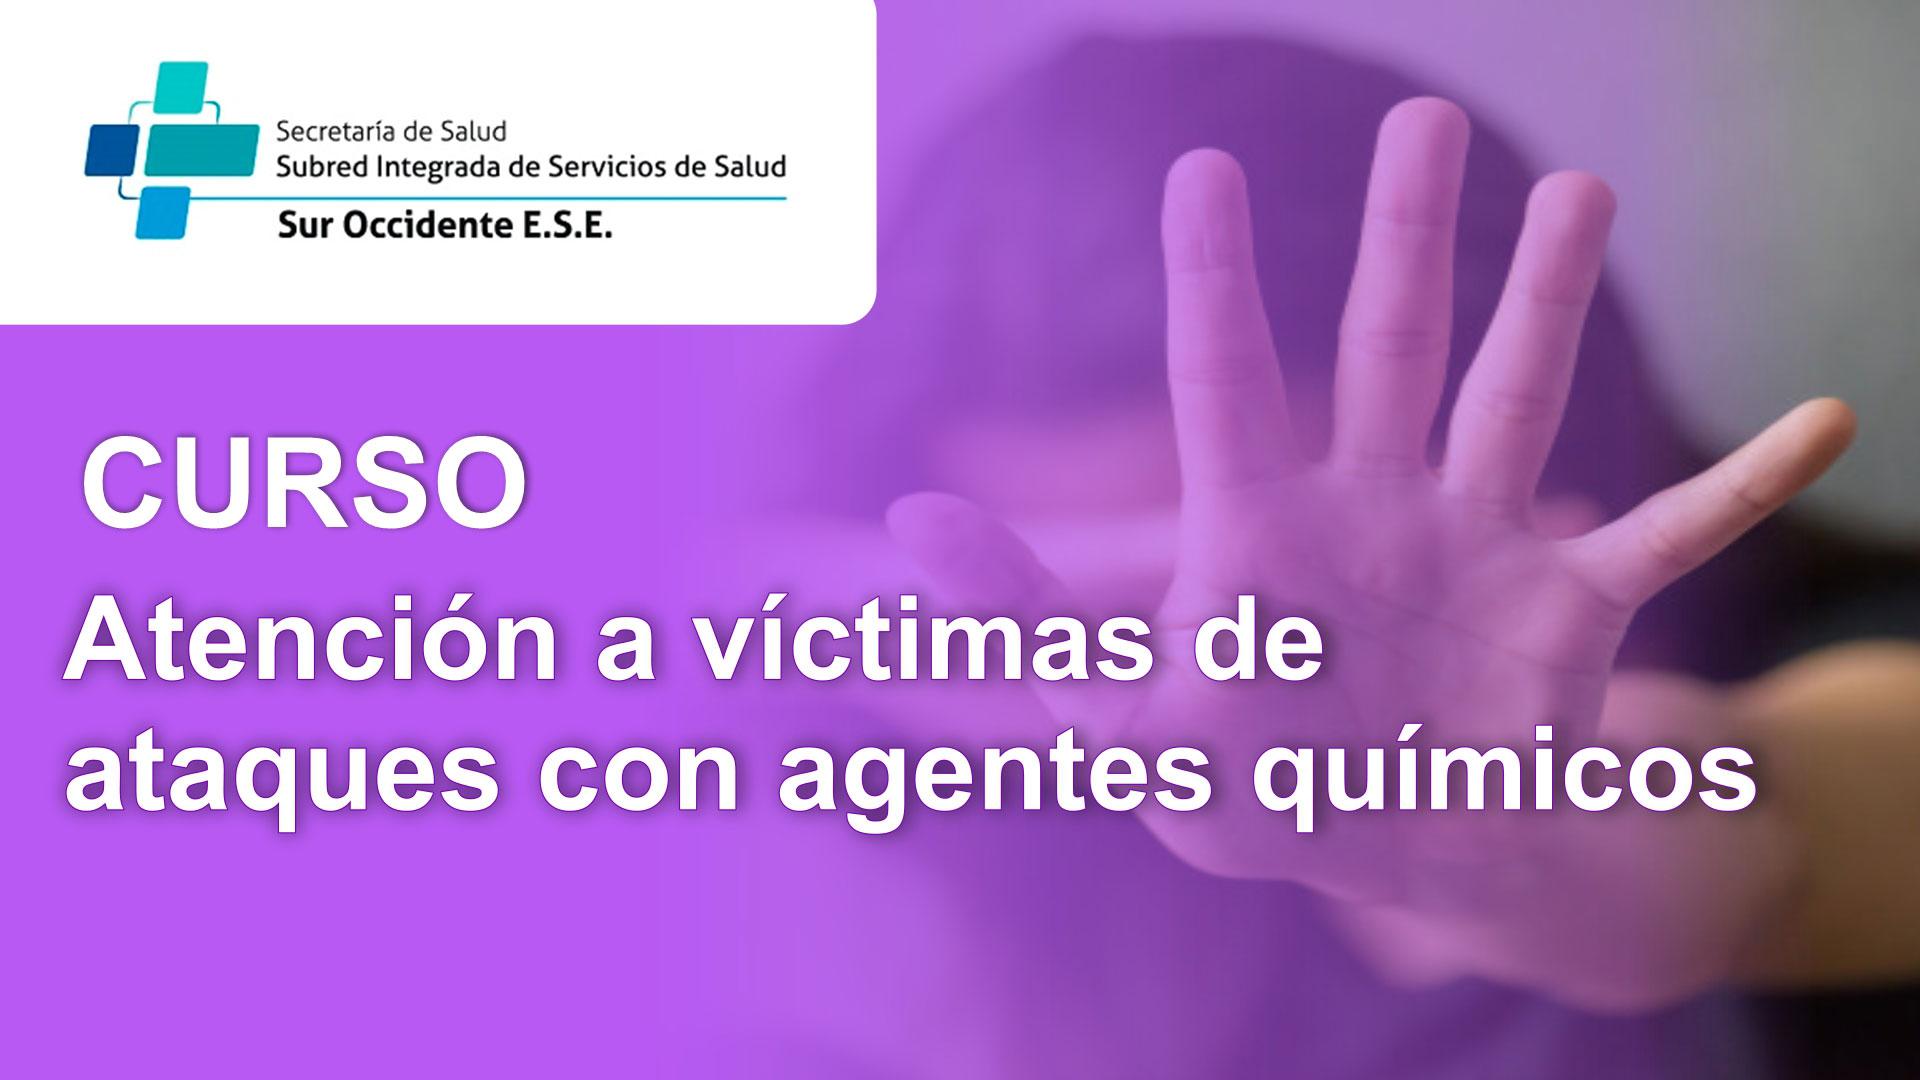 Course Image CURSO: ATENCIÓN A VÍCTIMAS DE ATAQUES CON AGENTES QUÍMICOS